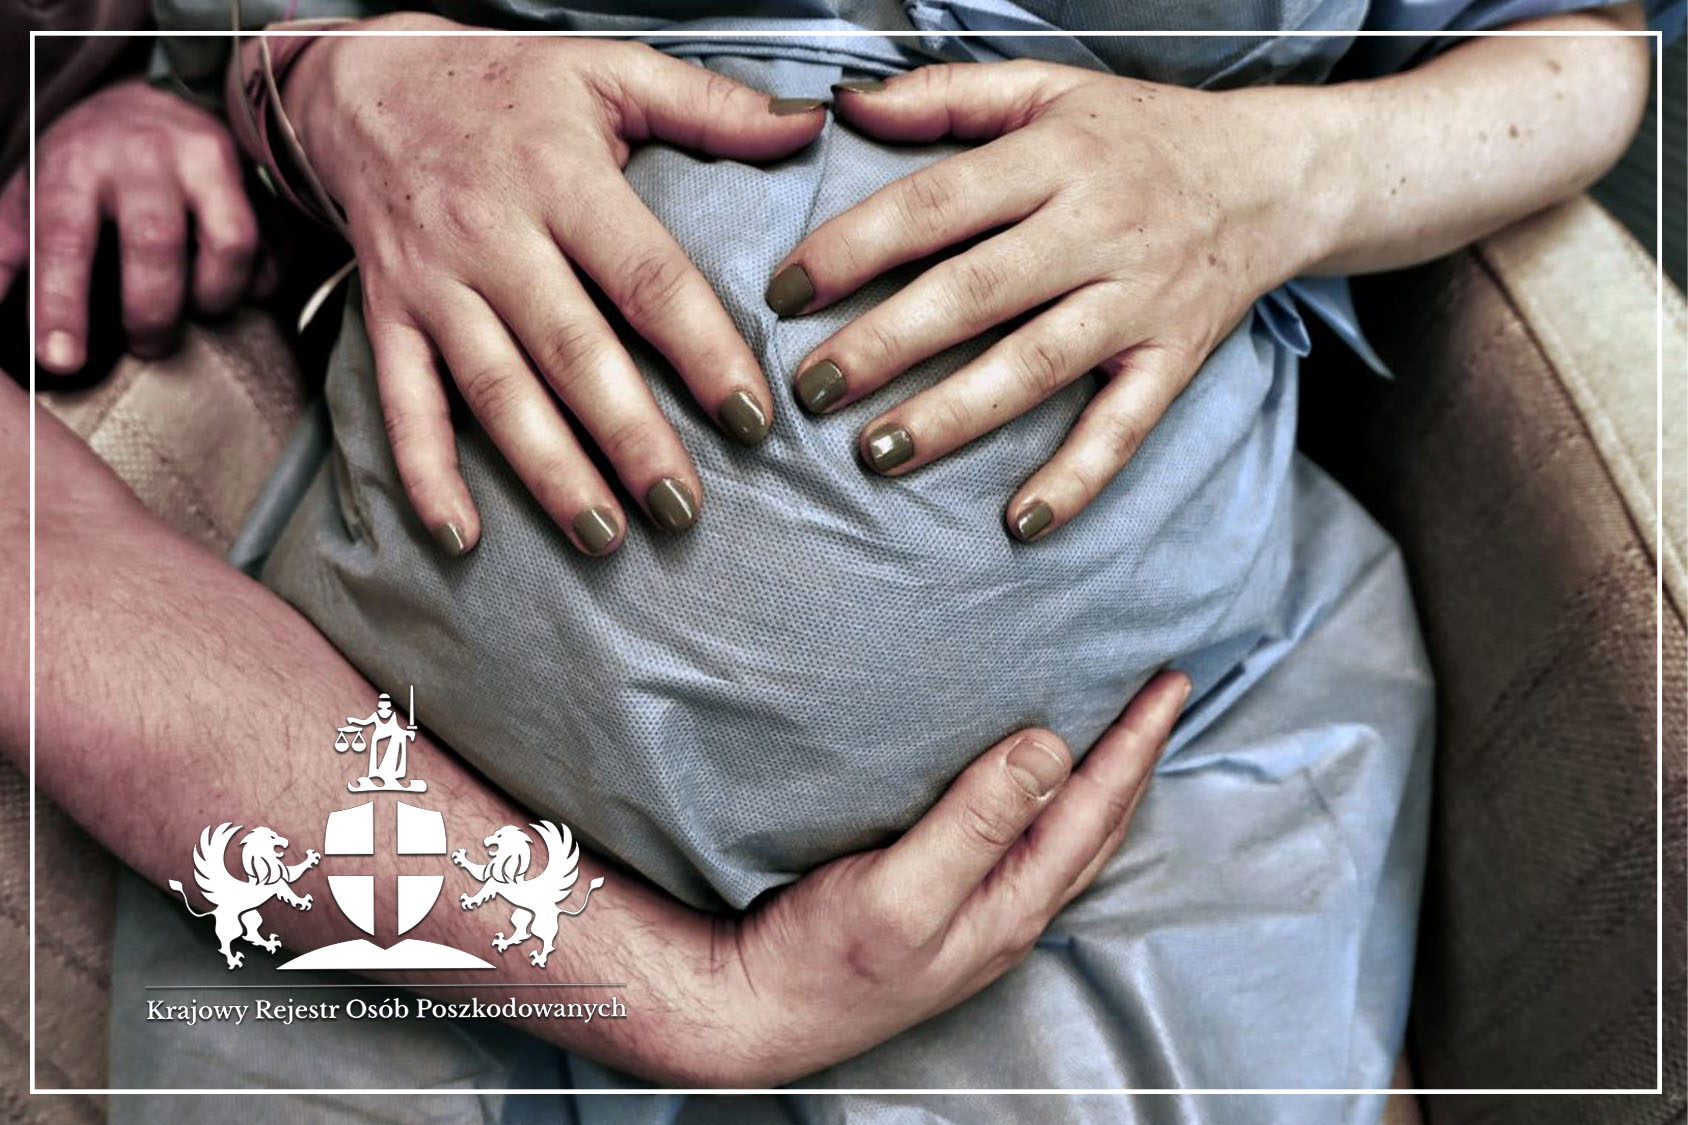 Przenoszona ciąża wywoływanie porodu po terminie